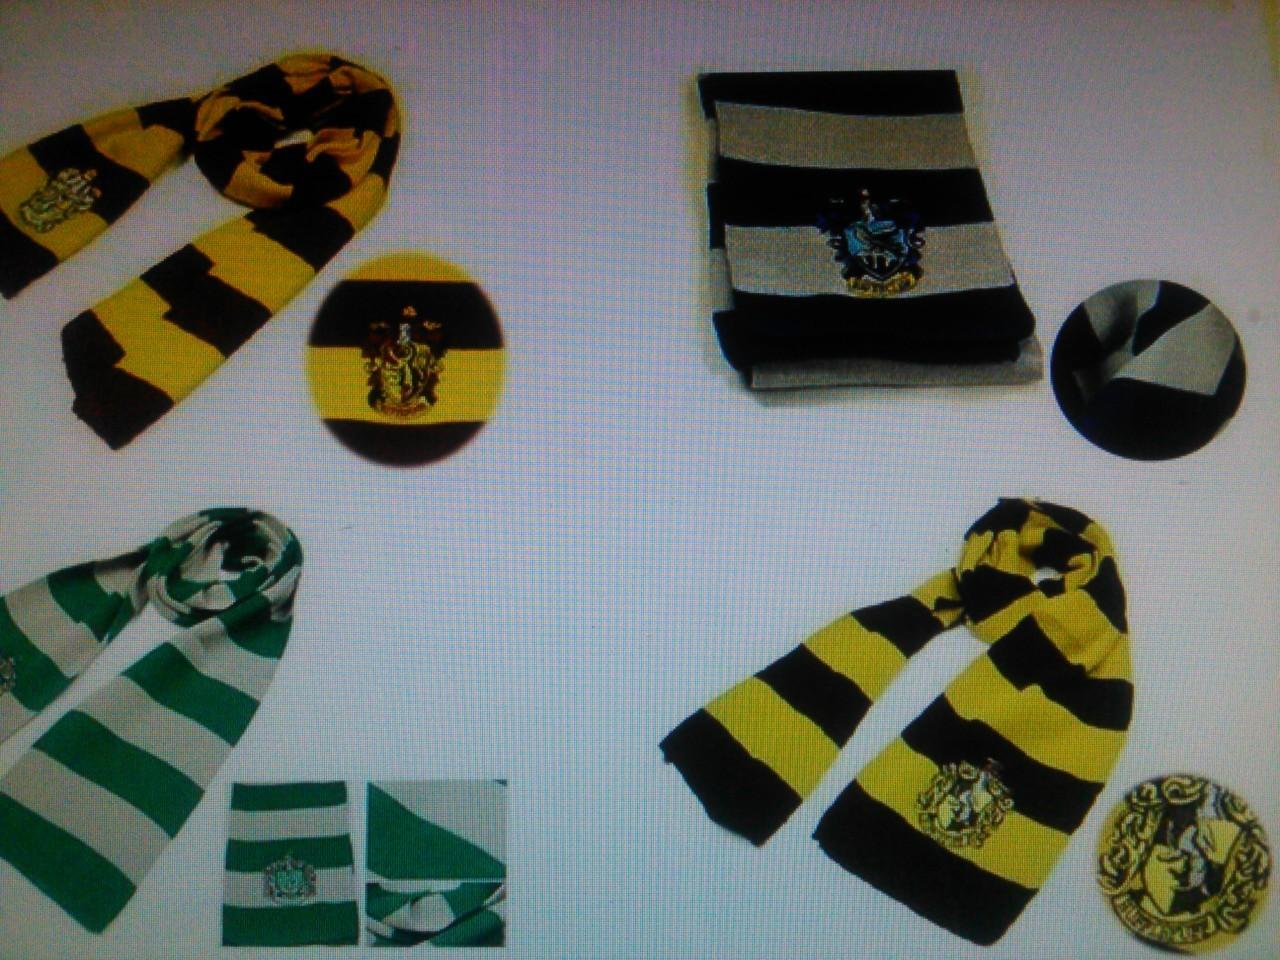 Harry Potter Hogwarts Gryffindor/Slytherin/Hufflepuff/Ravenclaw Scarves